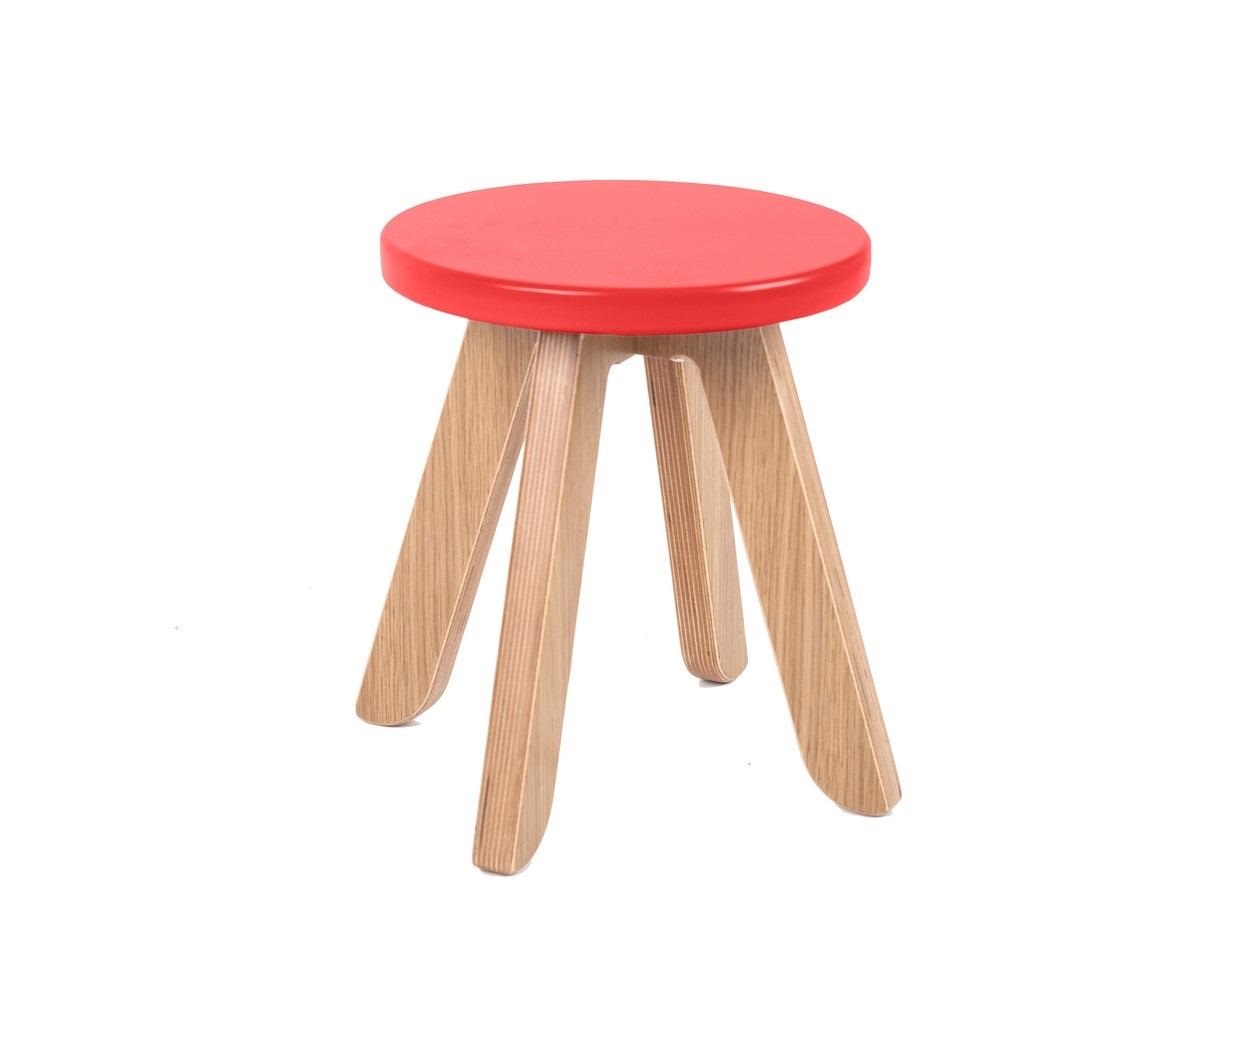 Табурет MalevichДетские табуреты<br>Табурет составит отличную компанию столу и стулу. Например, на нем удобно расположить принадлежности для рисования, когда стол используется в положении мольберта. Наличие табурета также позволит маме сидеть за столом на одном уровне с ребенком.&amp;amp;nbsp;&amp;lt;span style=&amp;quot;font-size: 14px;&amp;quot;&amp;gt;&amp;amp;nbsp;&amp;lt;/span&amp;gt;&amp;lt;div style=&amp;quot;font-size: 14px;&amp;quot;&amp;gt;&amp;lt;br&amp;gt;&amp;lt;/div&amp;gt;&amp;lt;div style=&amp;quot;font-size: 14px;&amp;quot;&amp;gt;Материал: березовая фанера, дубовый шпон.&amp;lt;/div&amp;gt;<br><br>Material: Фанера<br>Height см: 34<br>Diameter см: 29